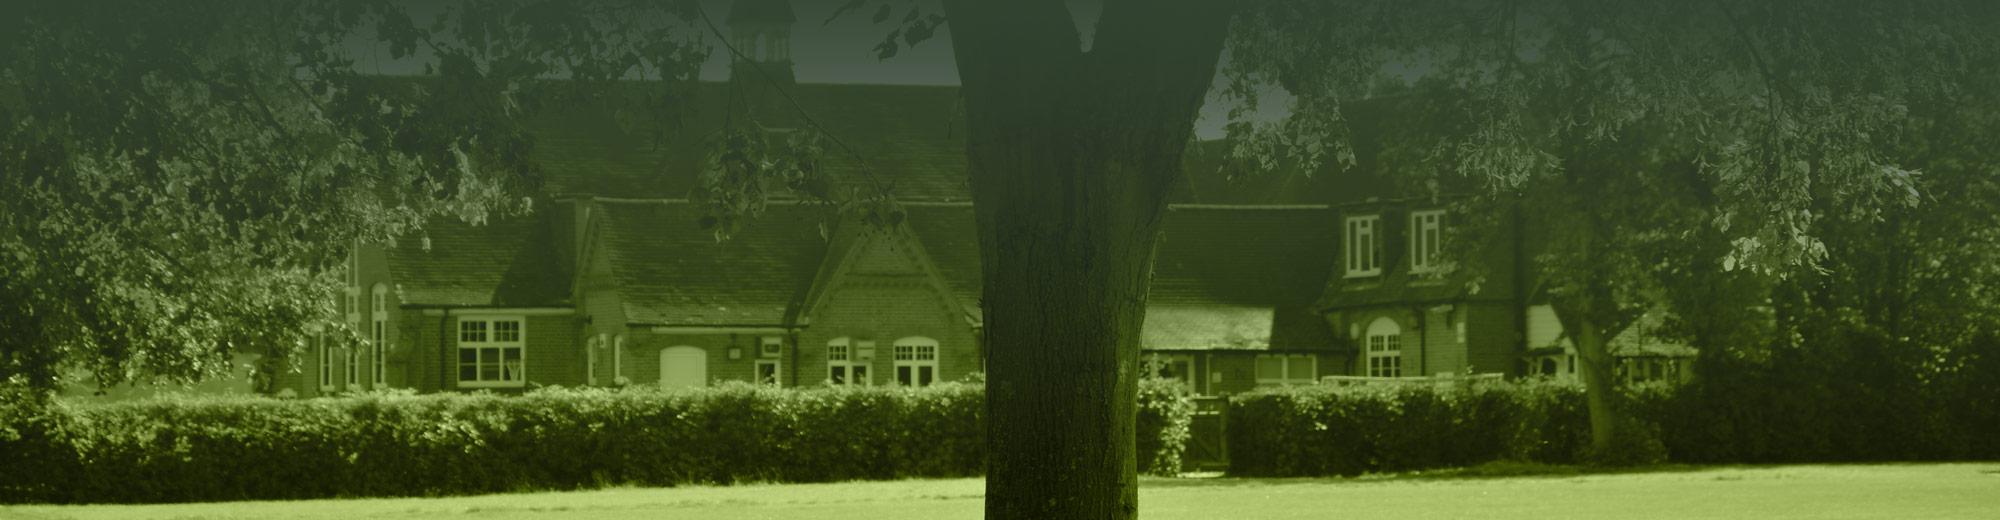 Winkfield St Marys School